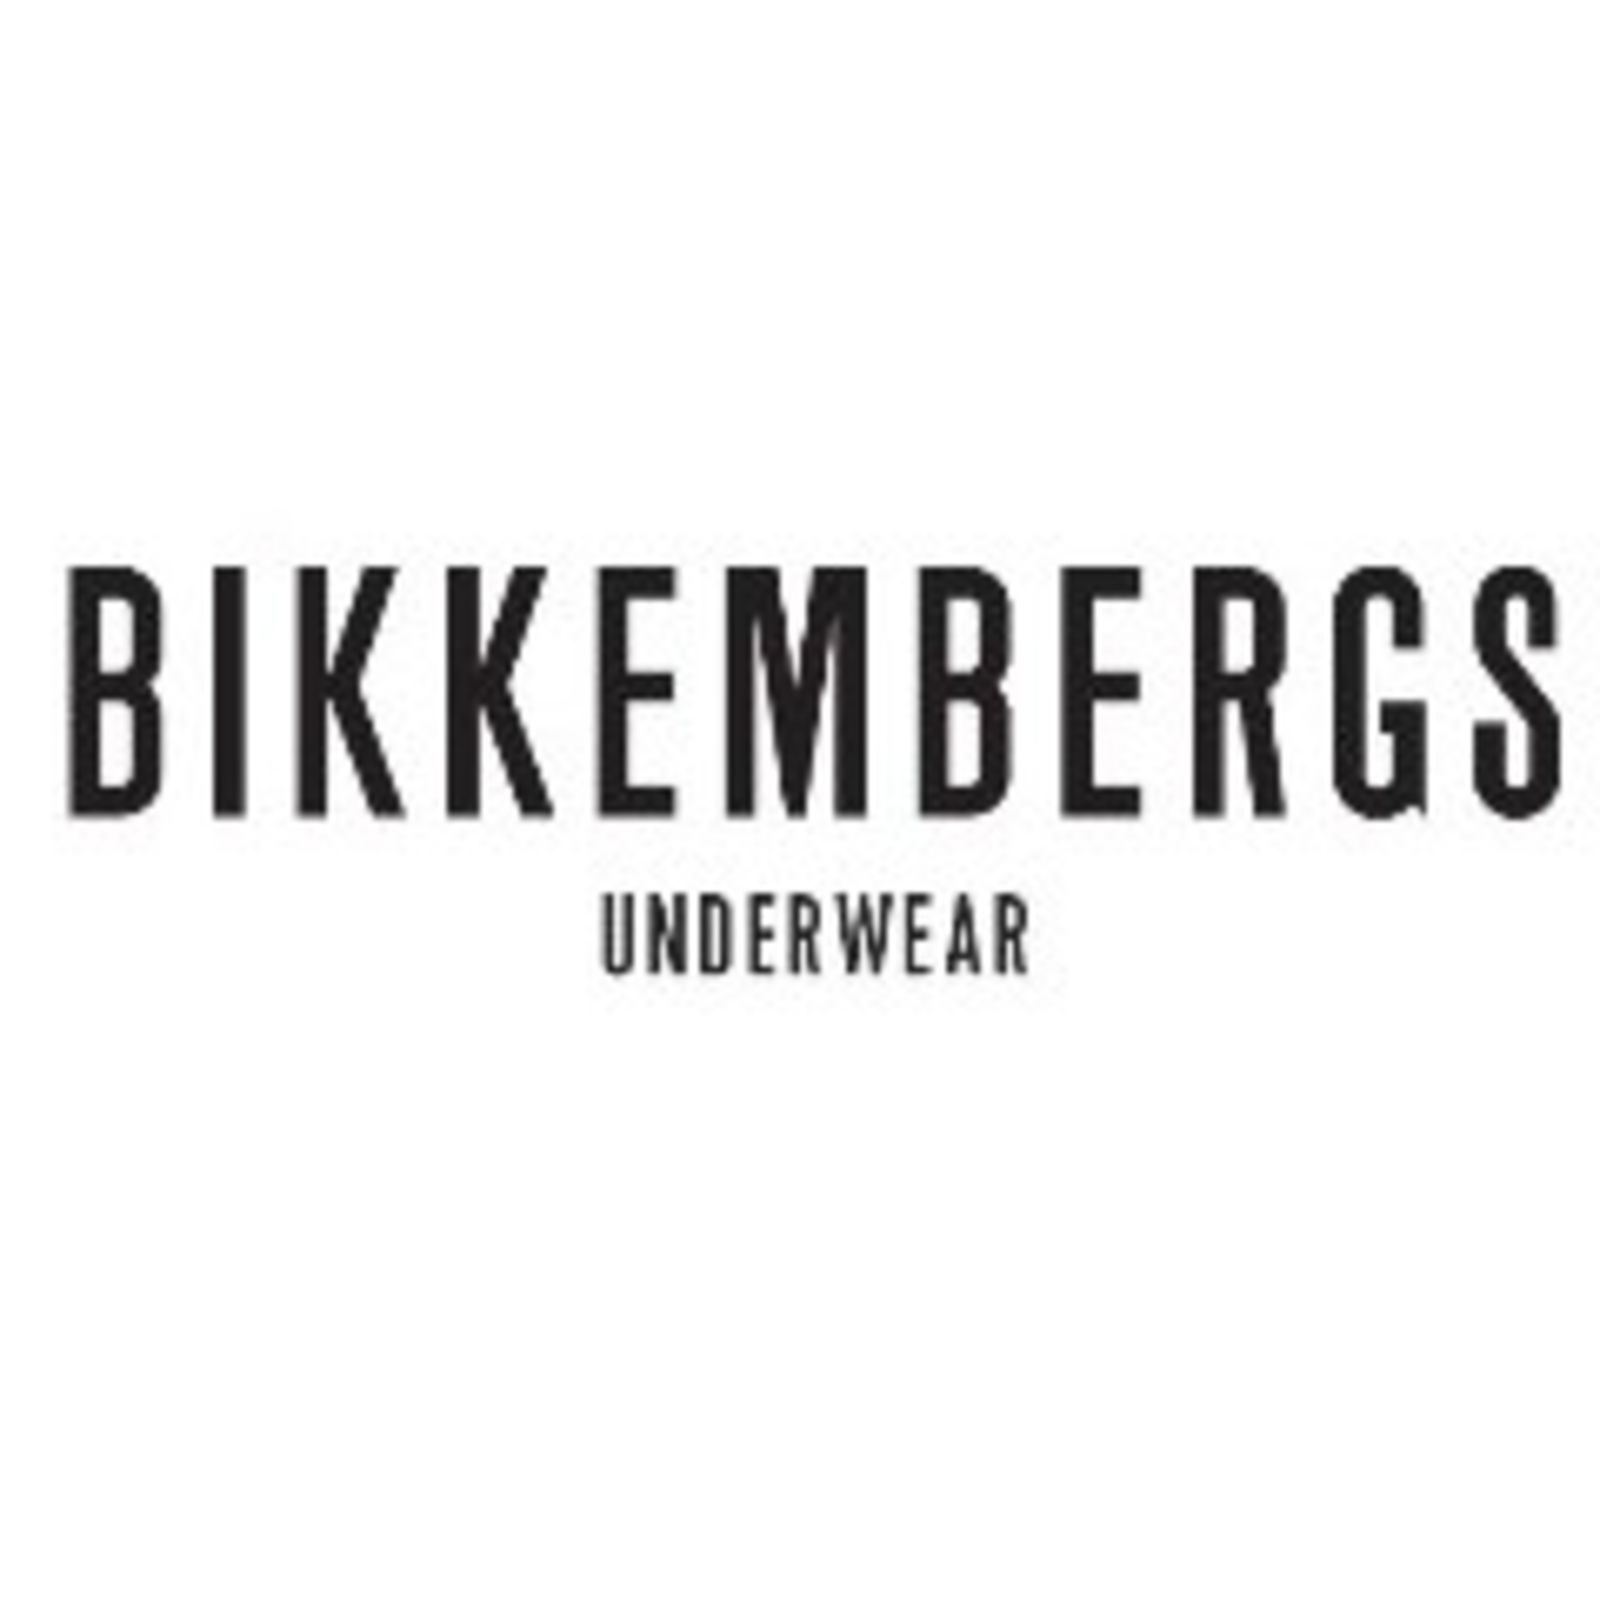 BIKKEMBERGS UNDERWEAR (Изображение 1)